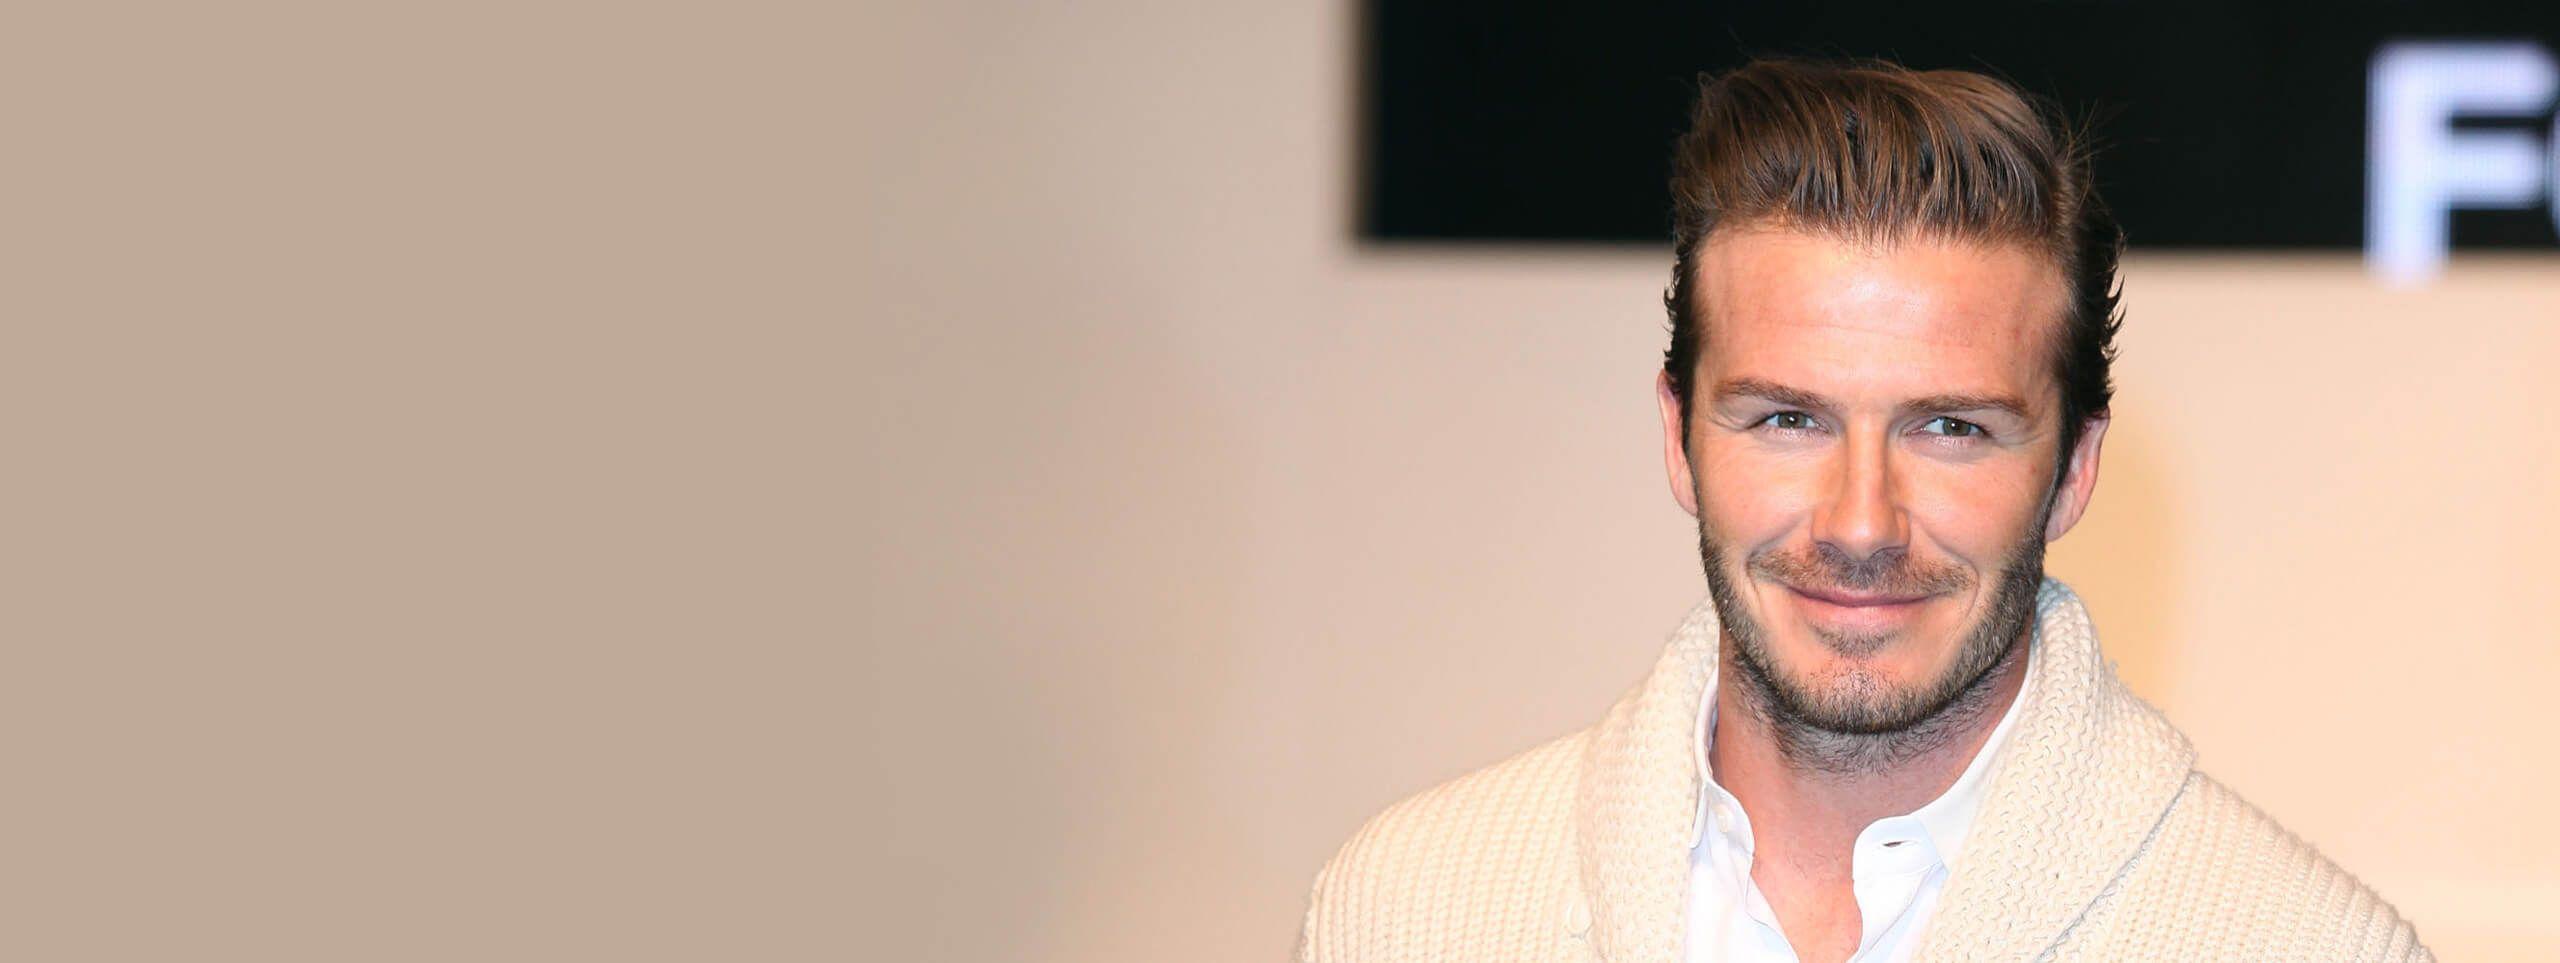 David Beckham z fryzurą przedzieloną z boku